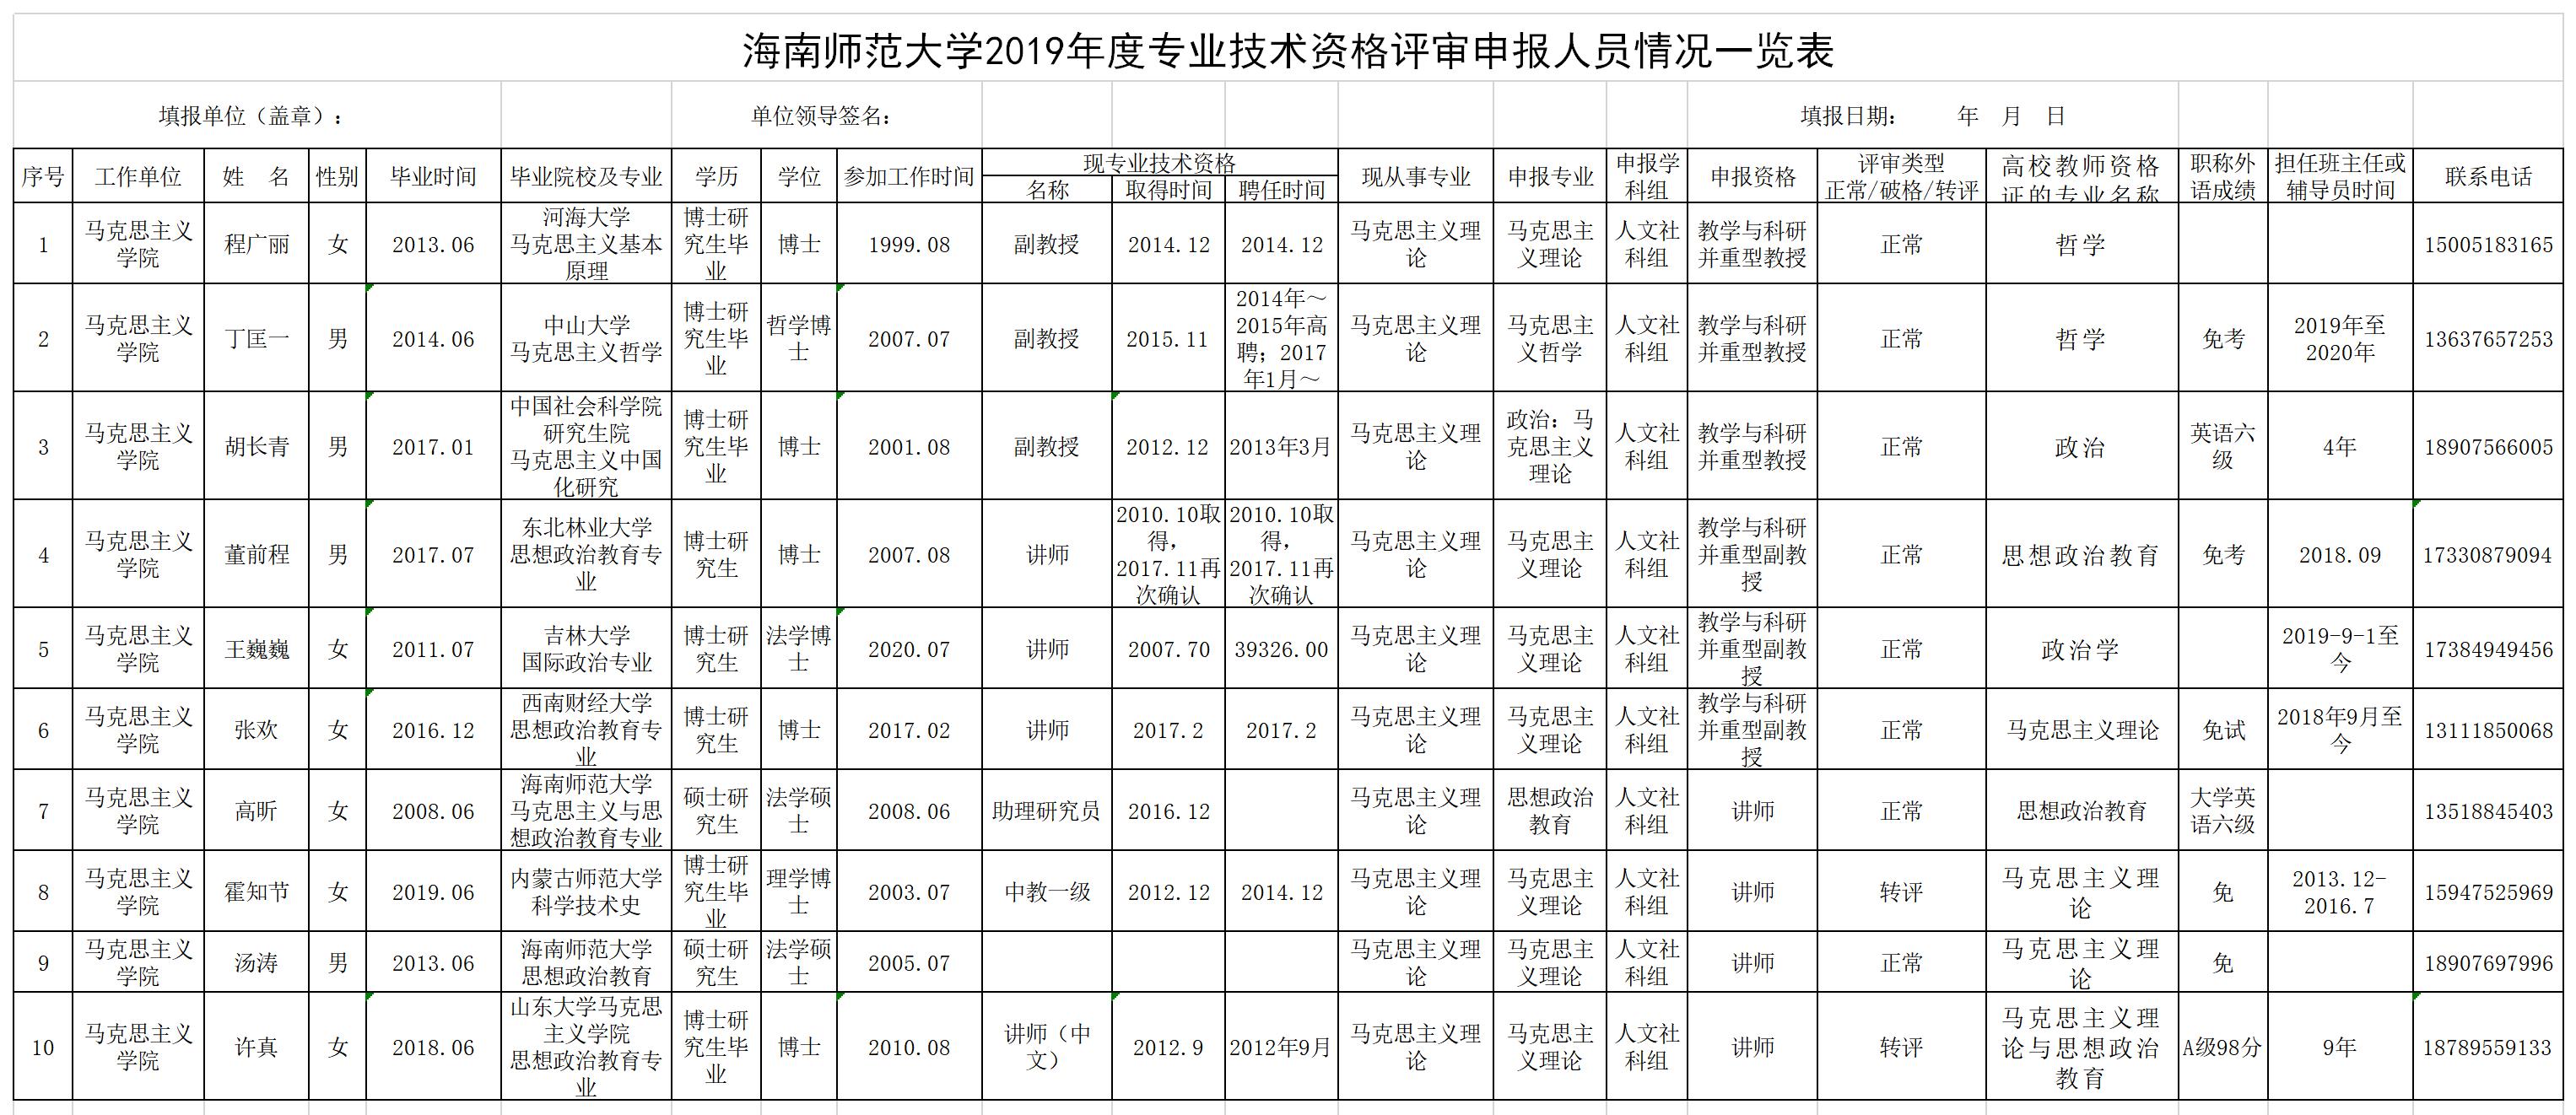 海南师范大学马克思学院2019年度专业技术资格评审申报材料上交情况公示